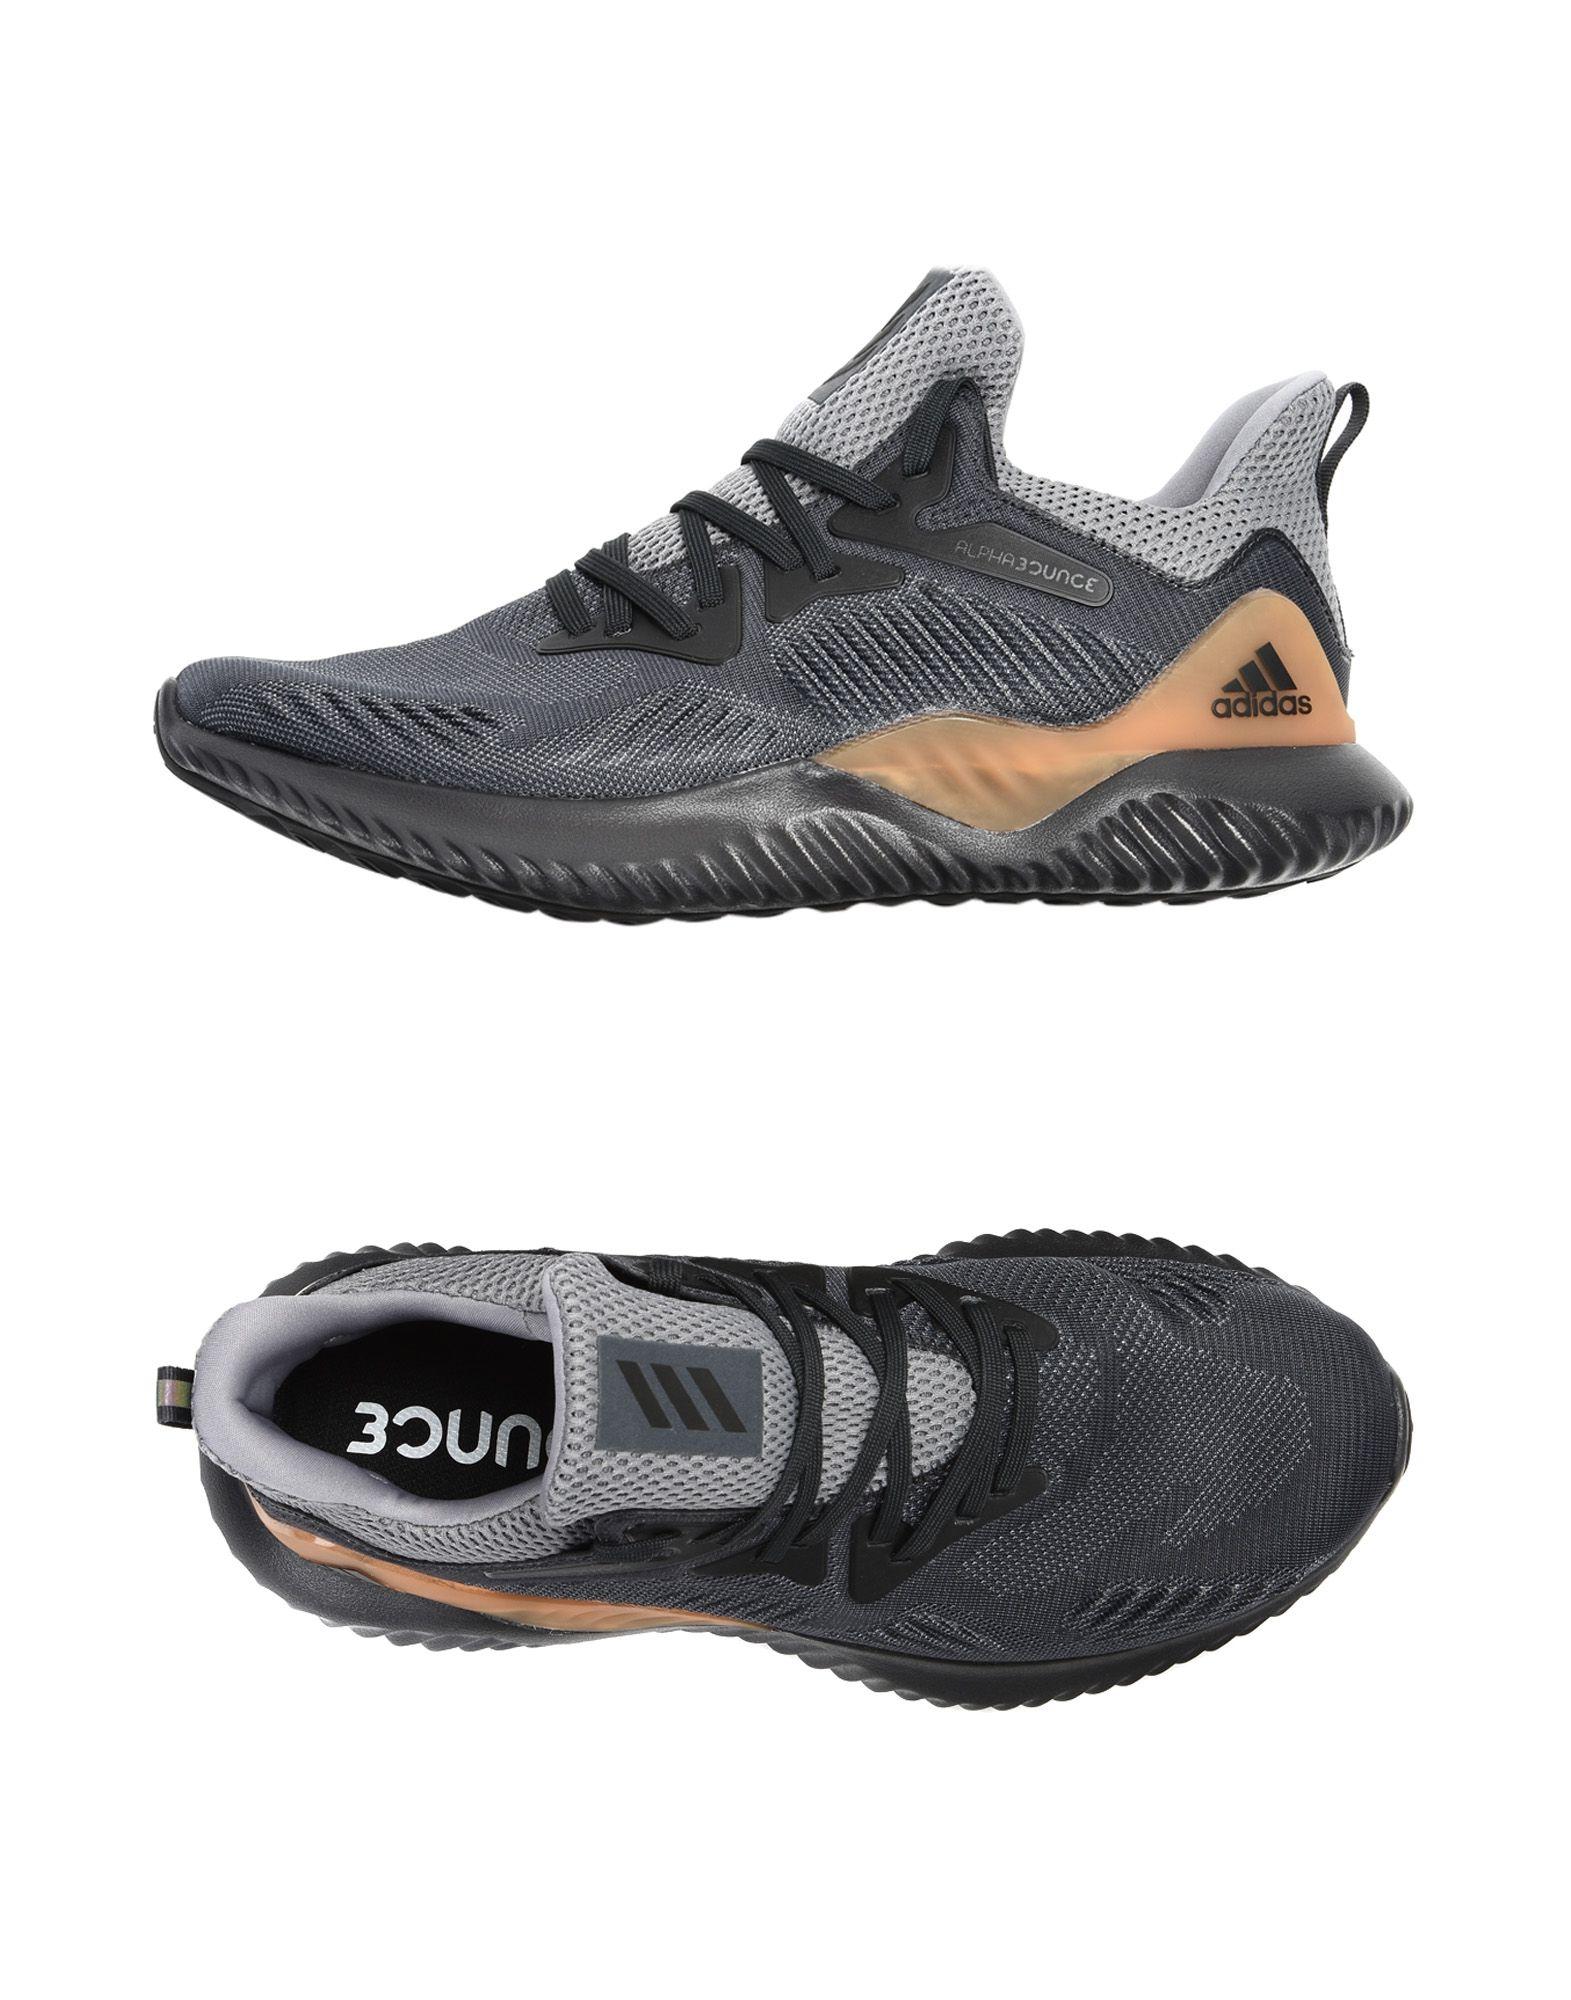 Scarpe da Ginnastica Adidas Originals Uomo Alphabounce Beyond M - Uomo Originals - 11472158RB 24977e